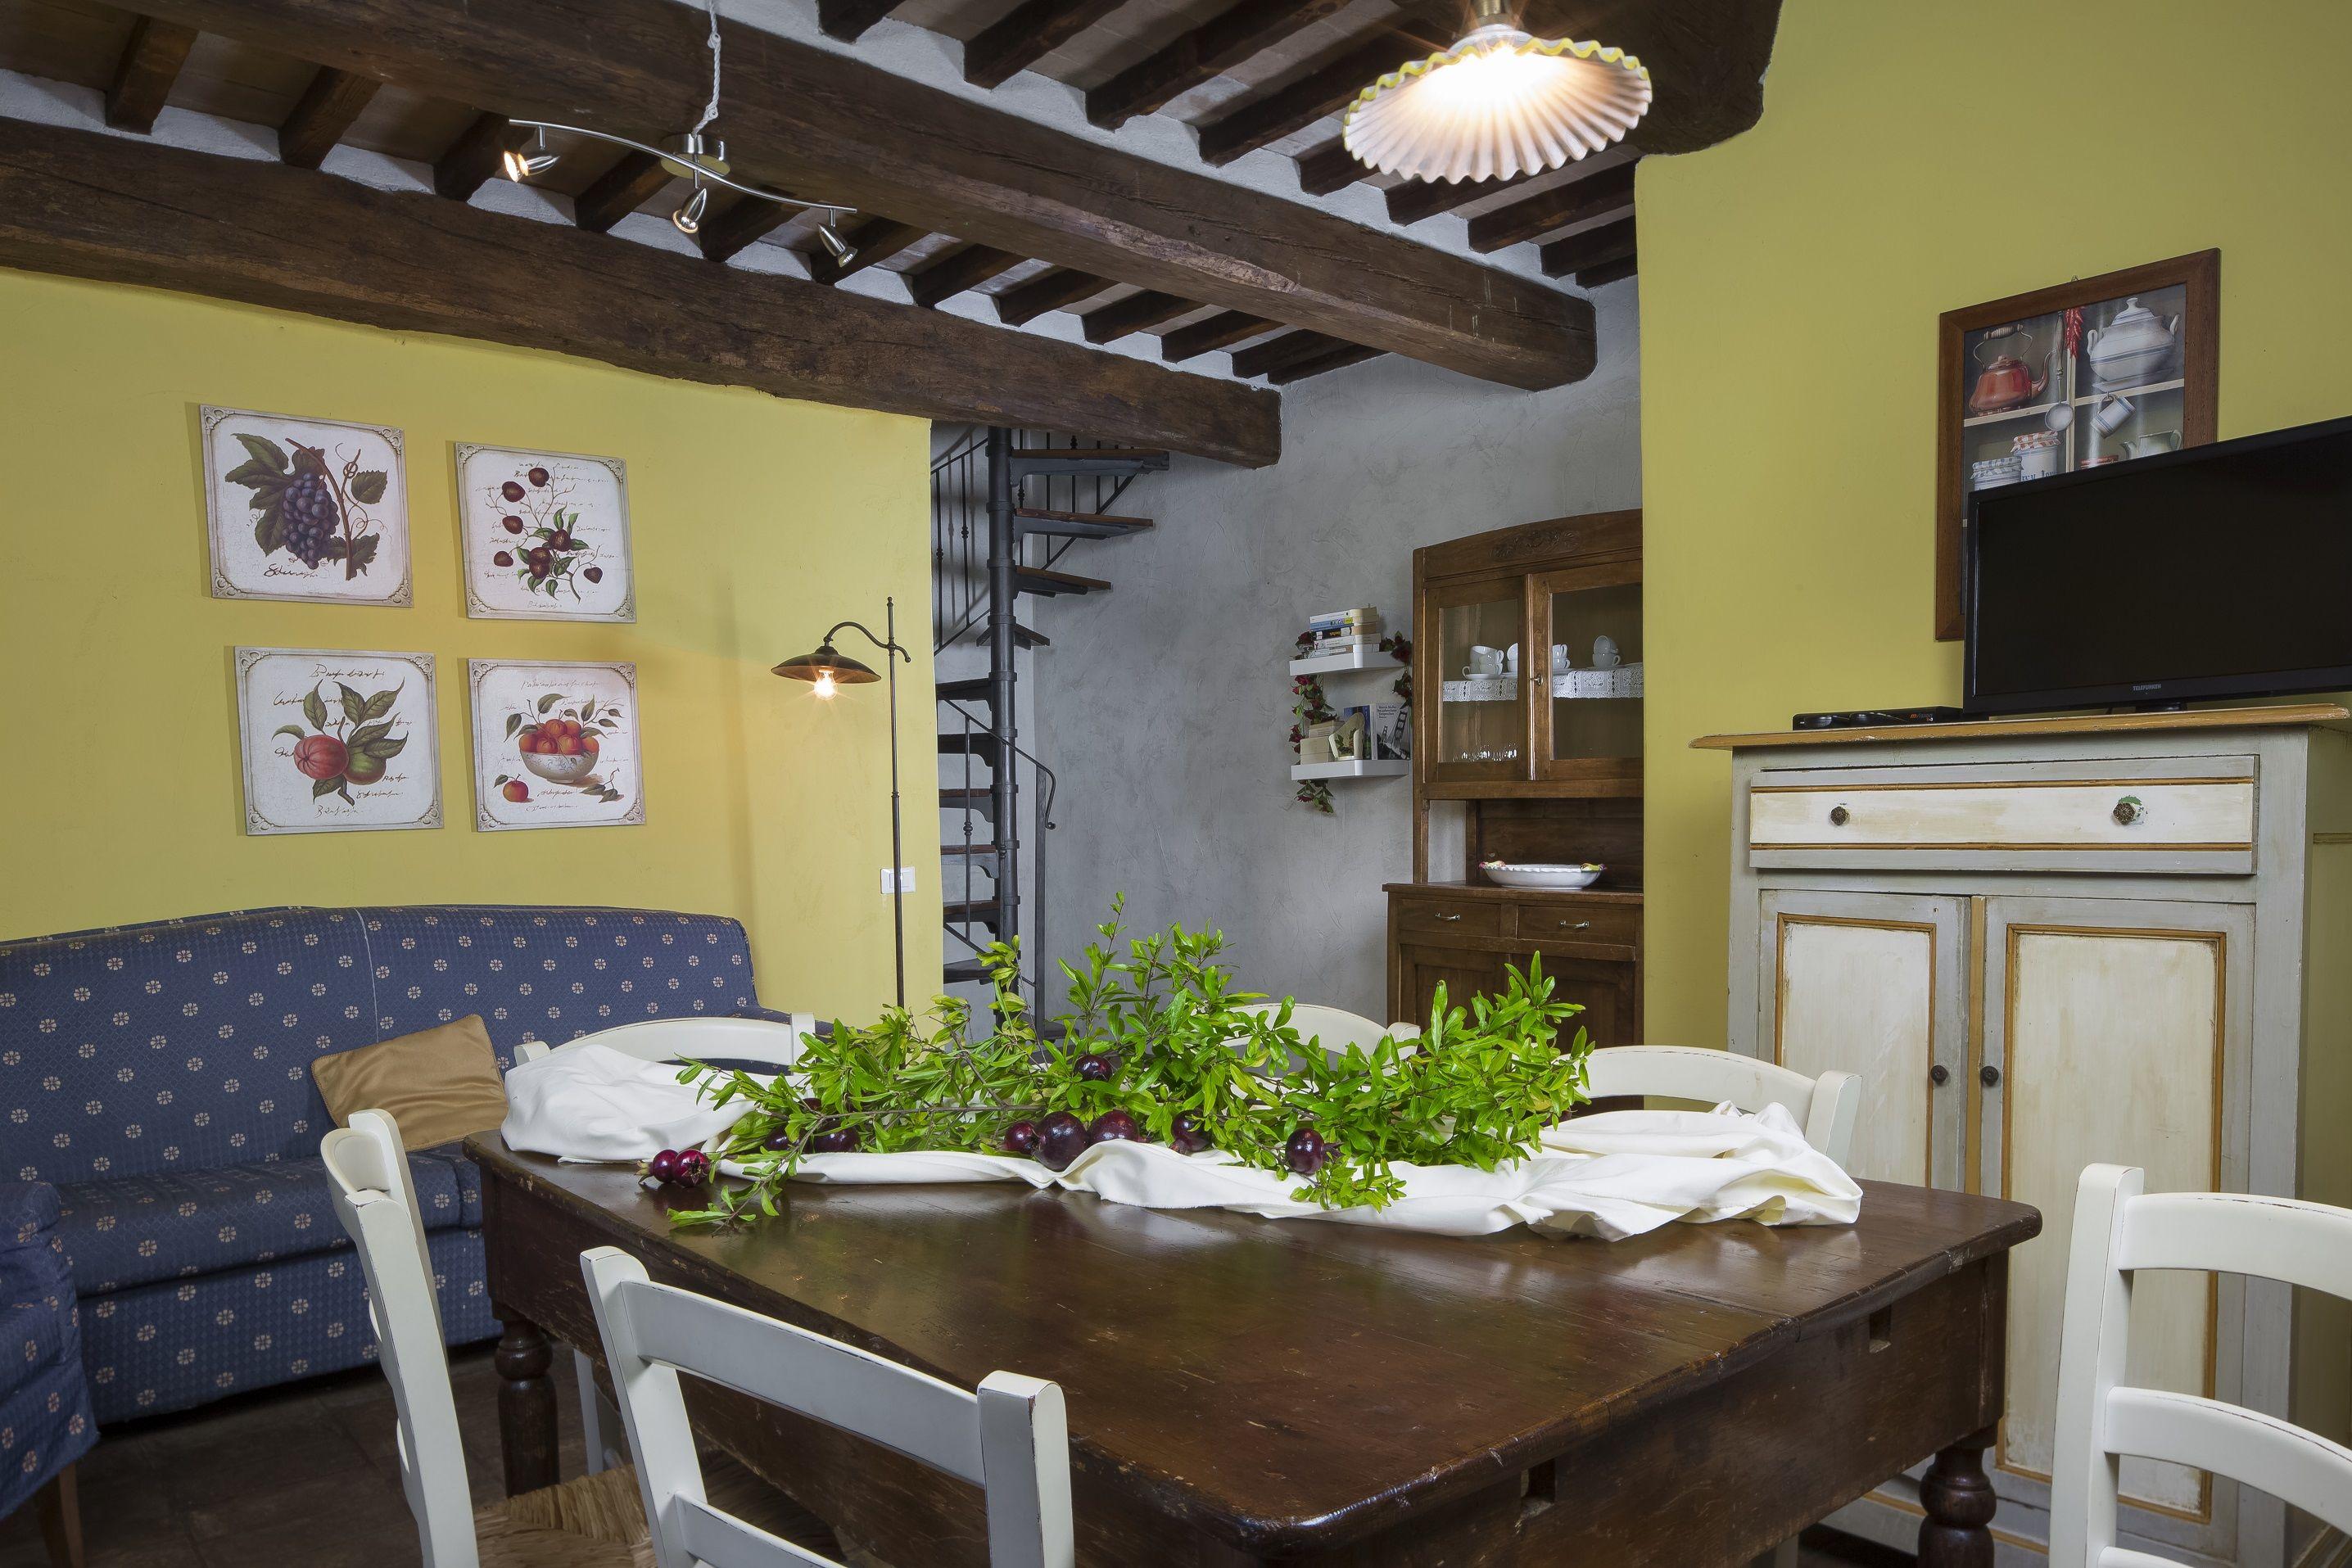 Apartment Podere La Casetta - Fienile Holiday Home photo 16875028